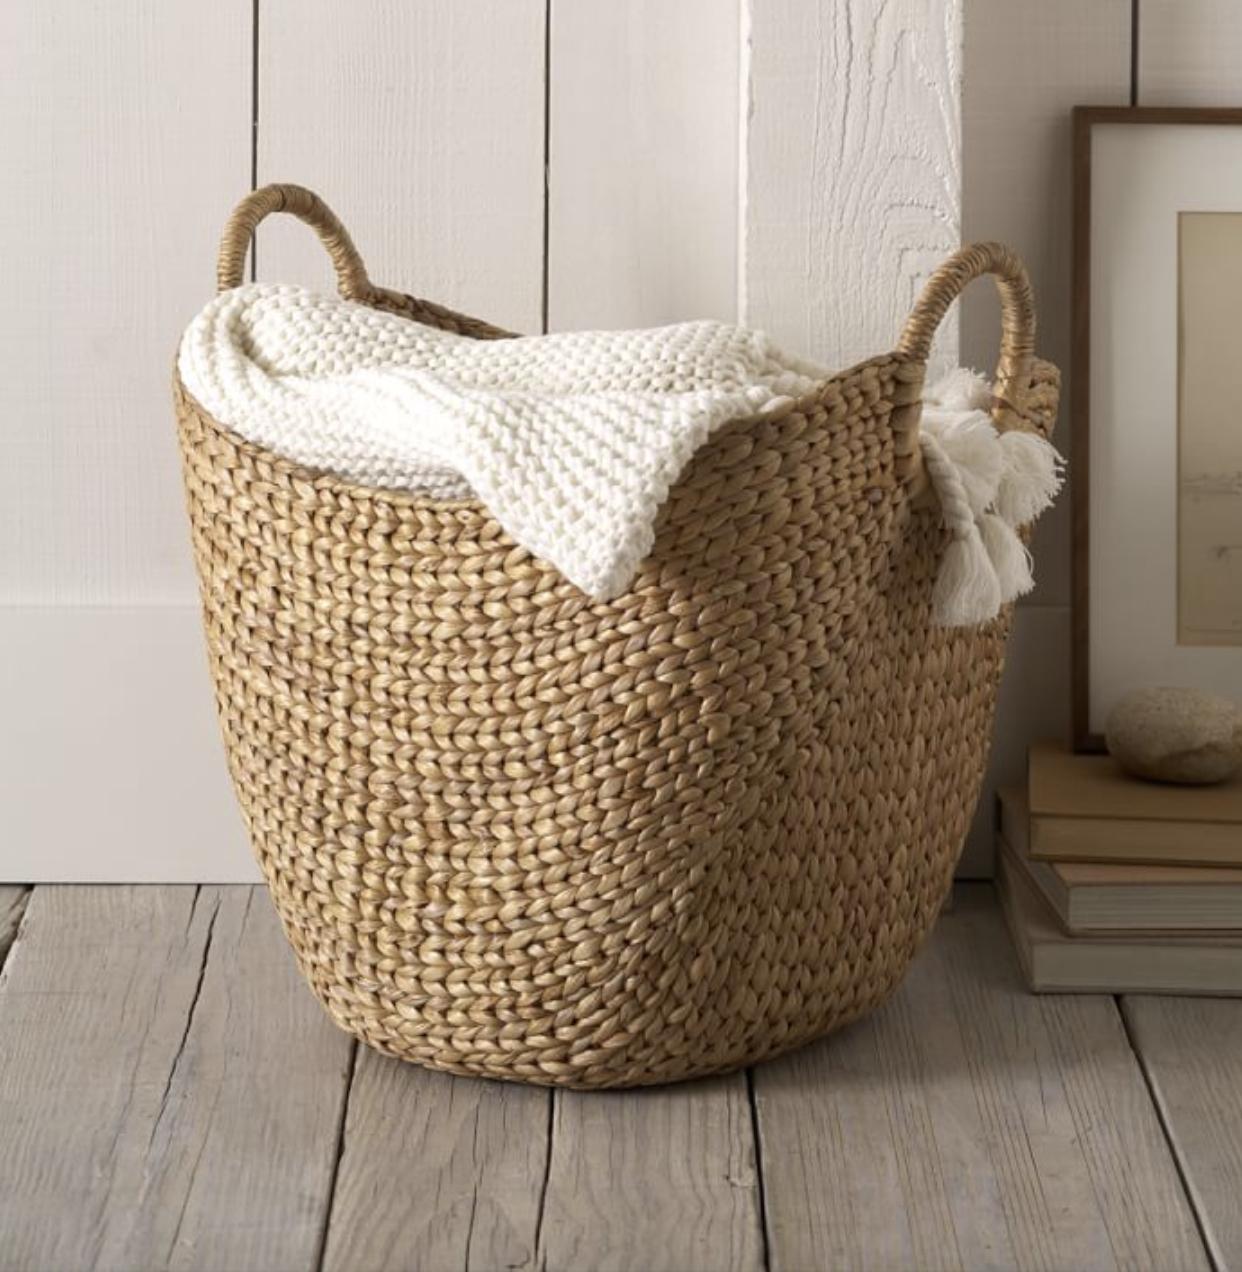 Curved basket - Large natural basket, $54; West Elm